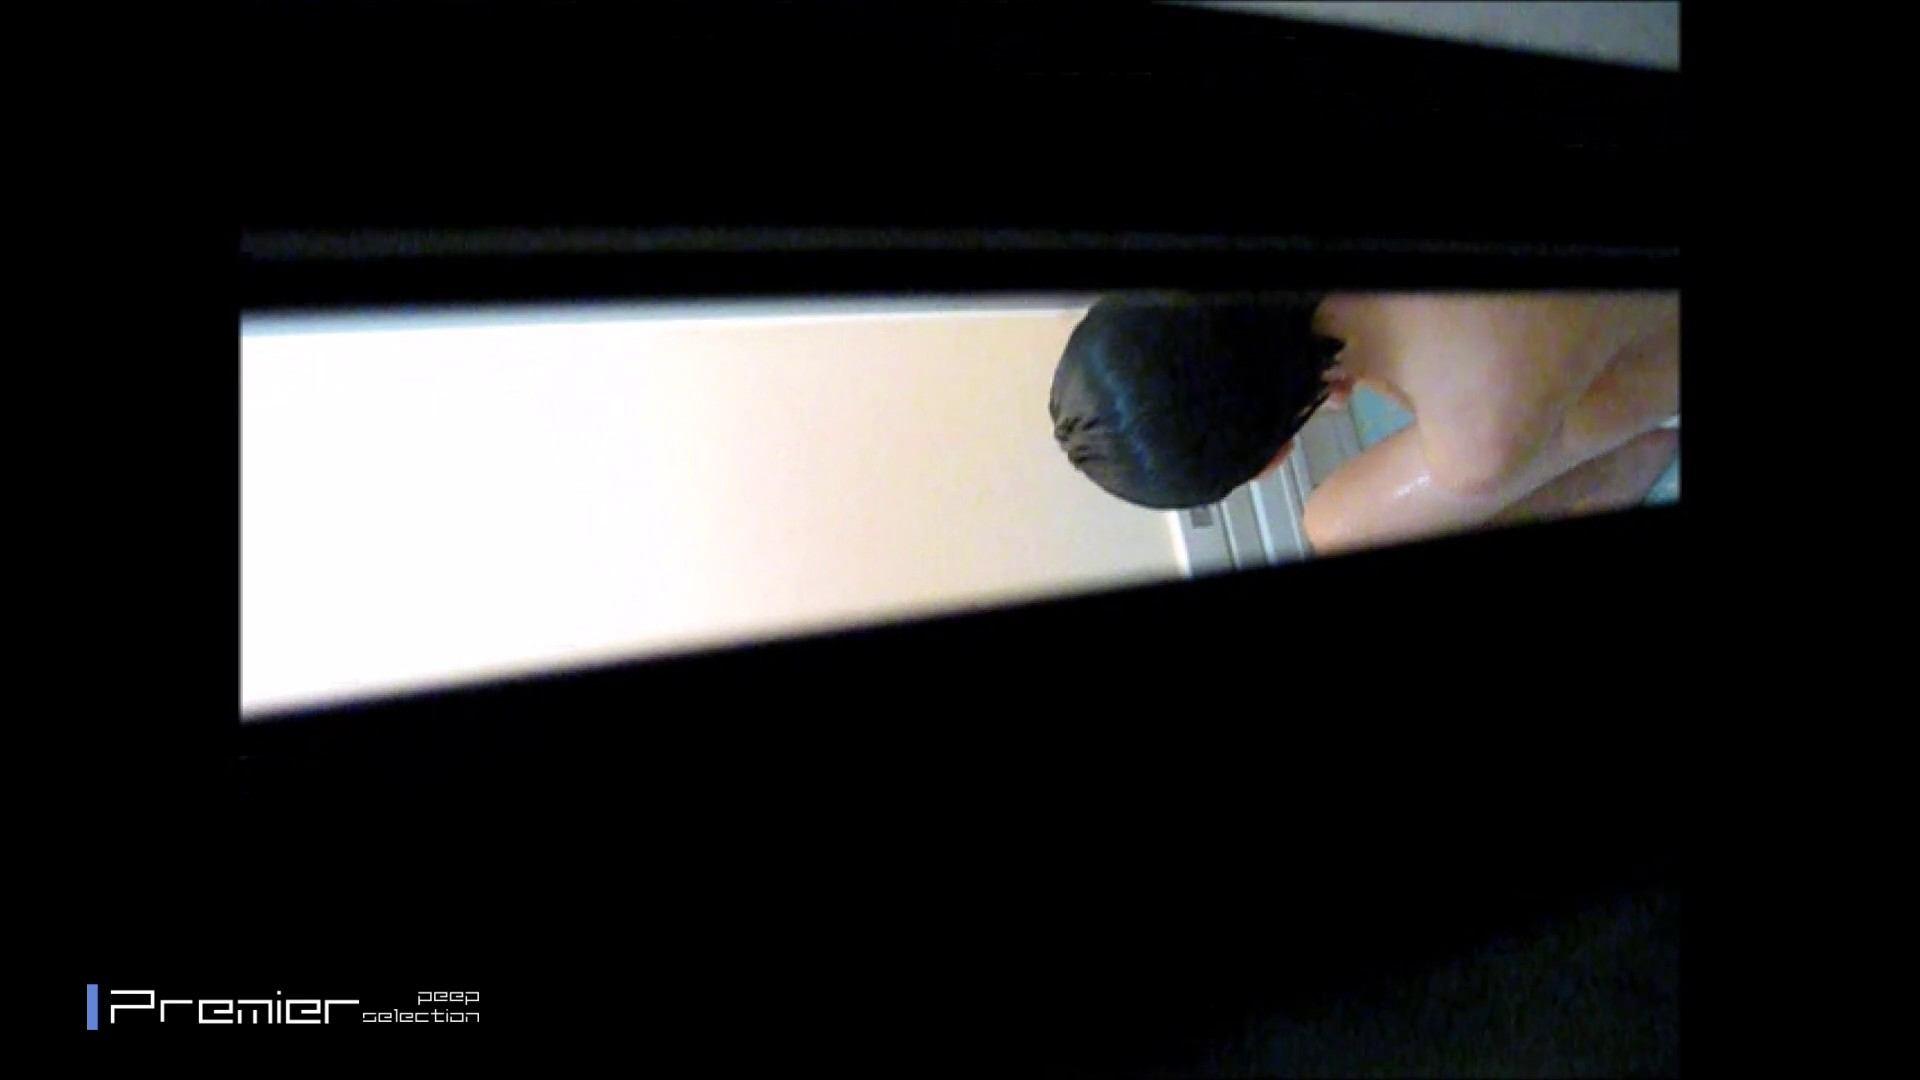 スレンダー美女の桃色乳首 乙女の風呂場 Vol.09 投稿 オメコ無修正動画無料 51pic 6